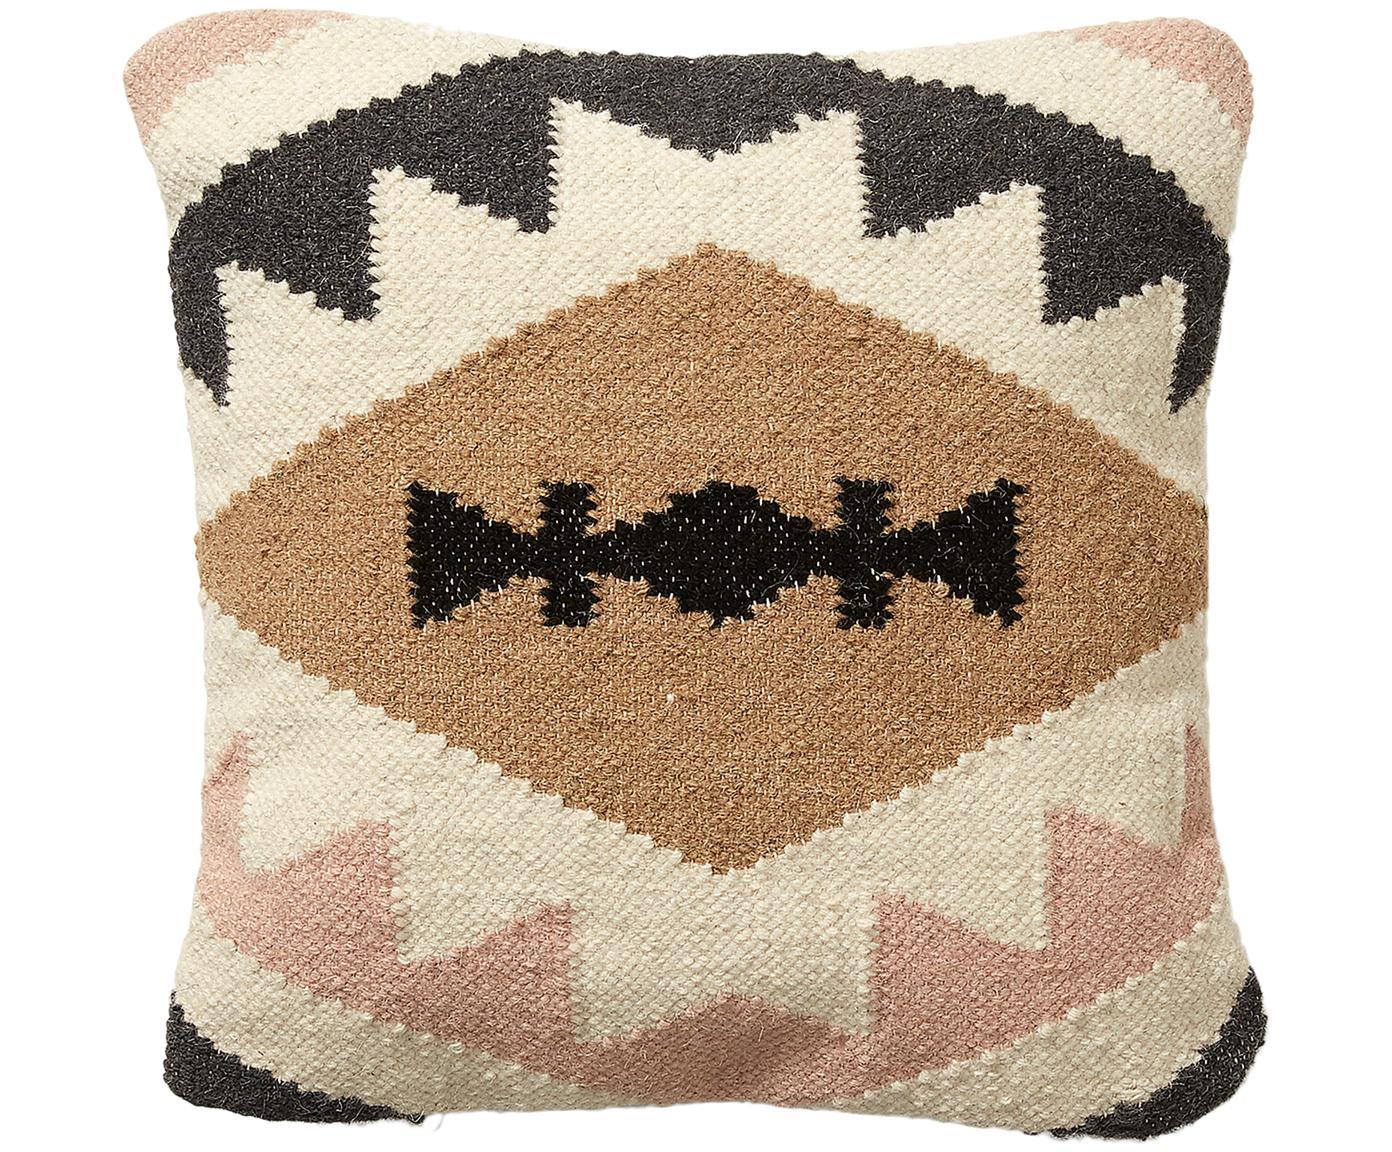 Ethno kussenhoes Gayle, Katoen, Beige, zwart, crèmekleurig, roze, 45 x 45 cm